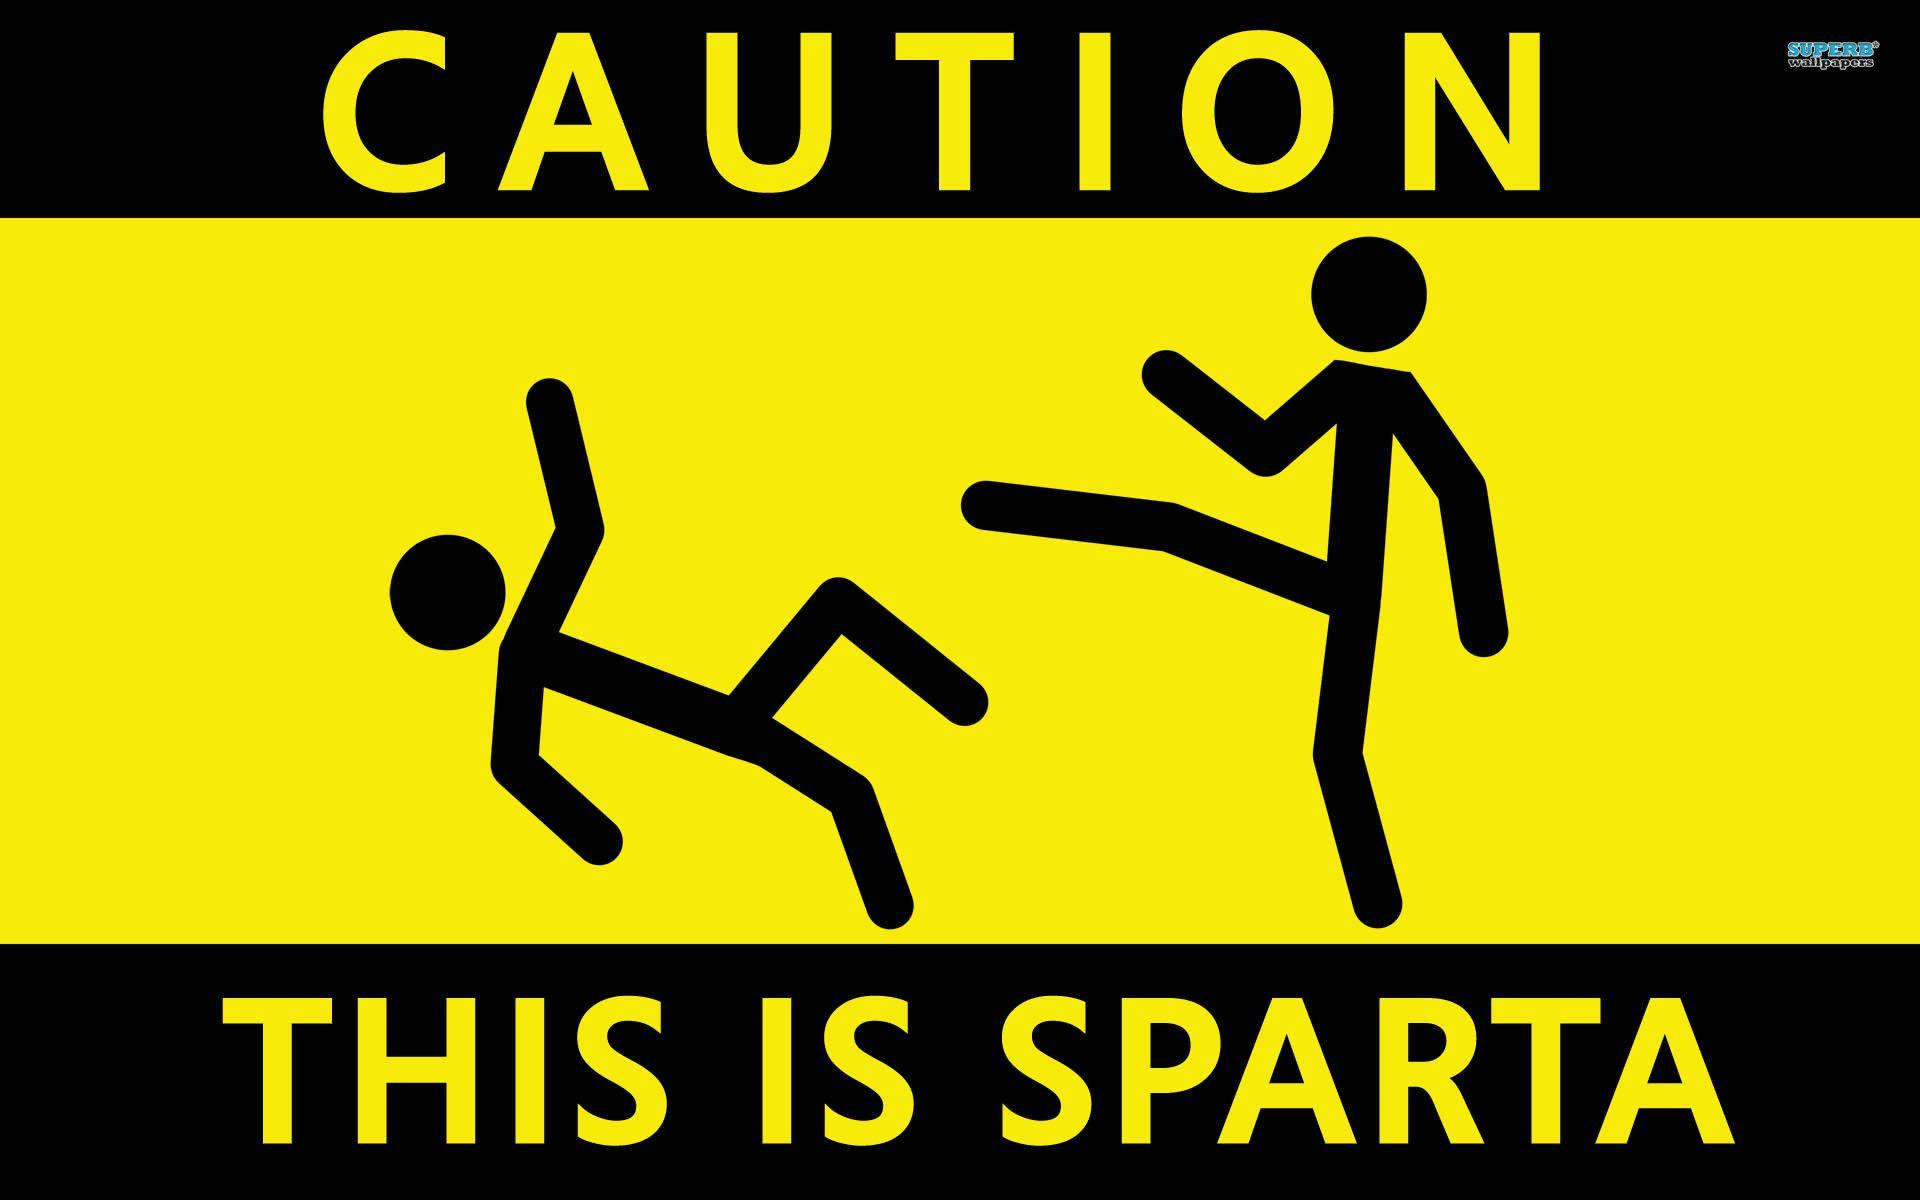 spartan kick wallpaper - photo #38